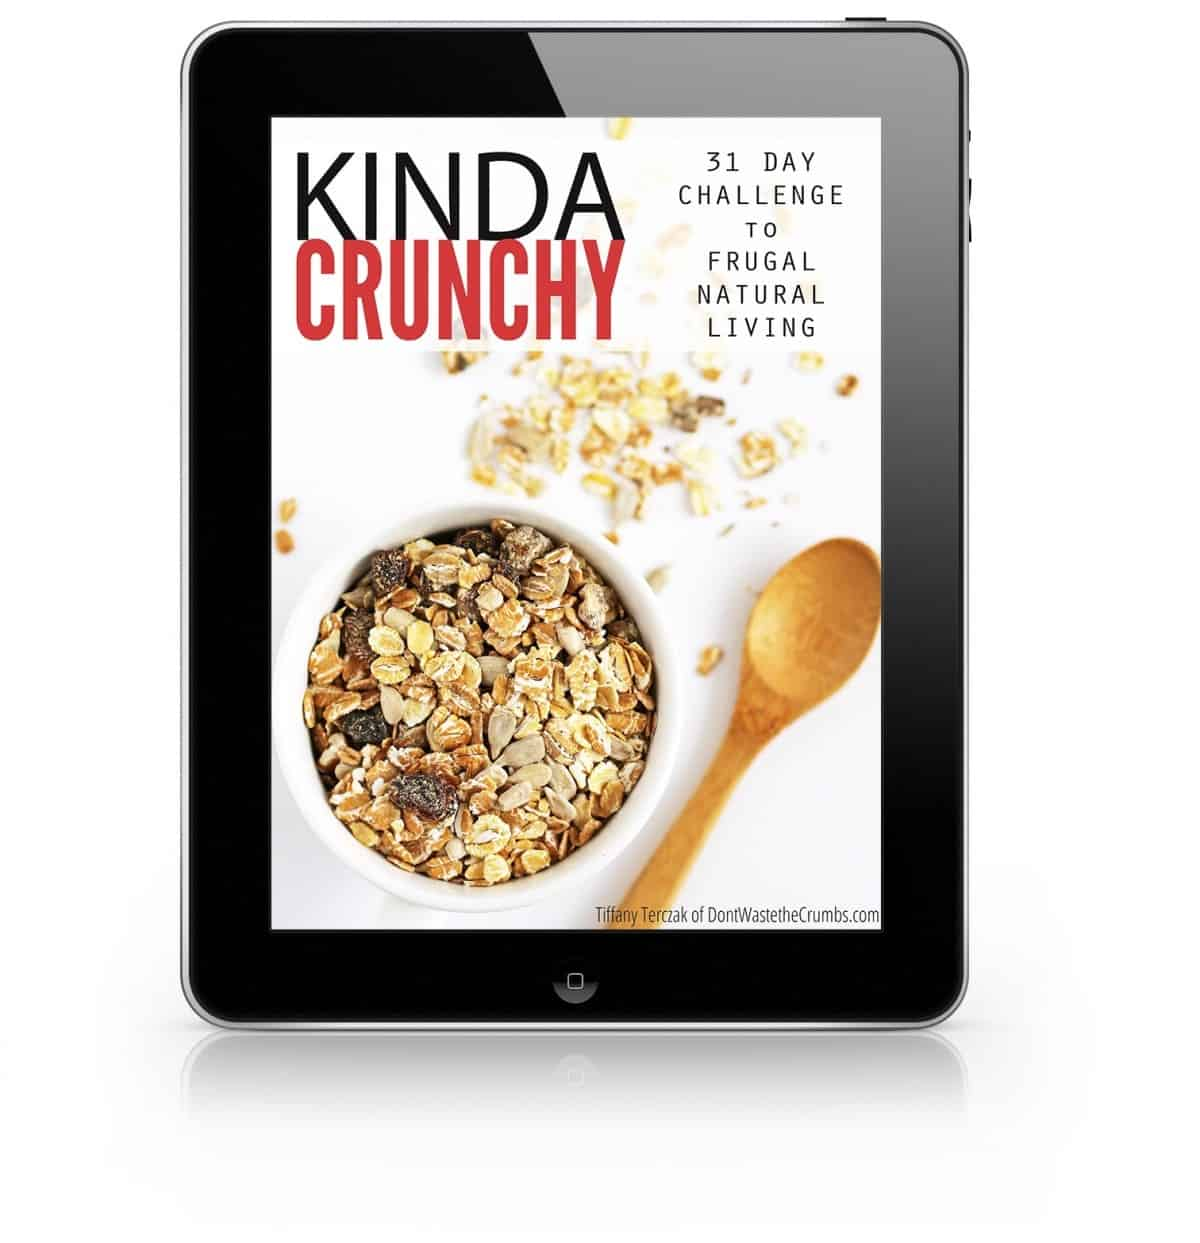 Kinda Crunchy Mockup on iPad_blank